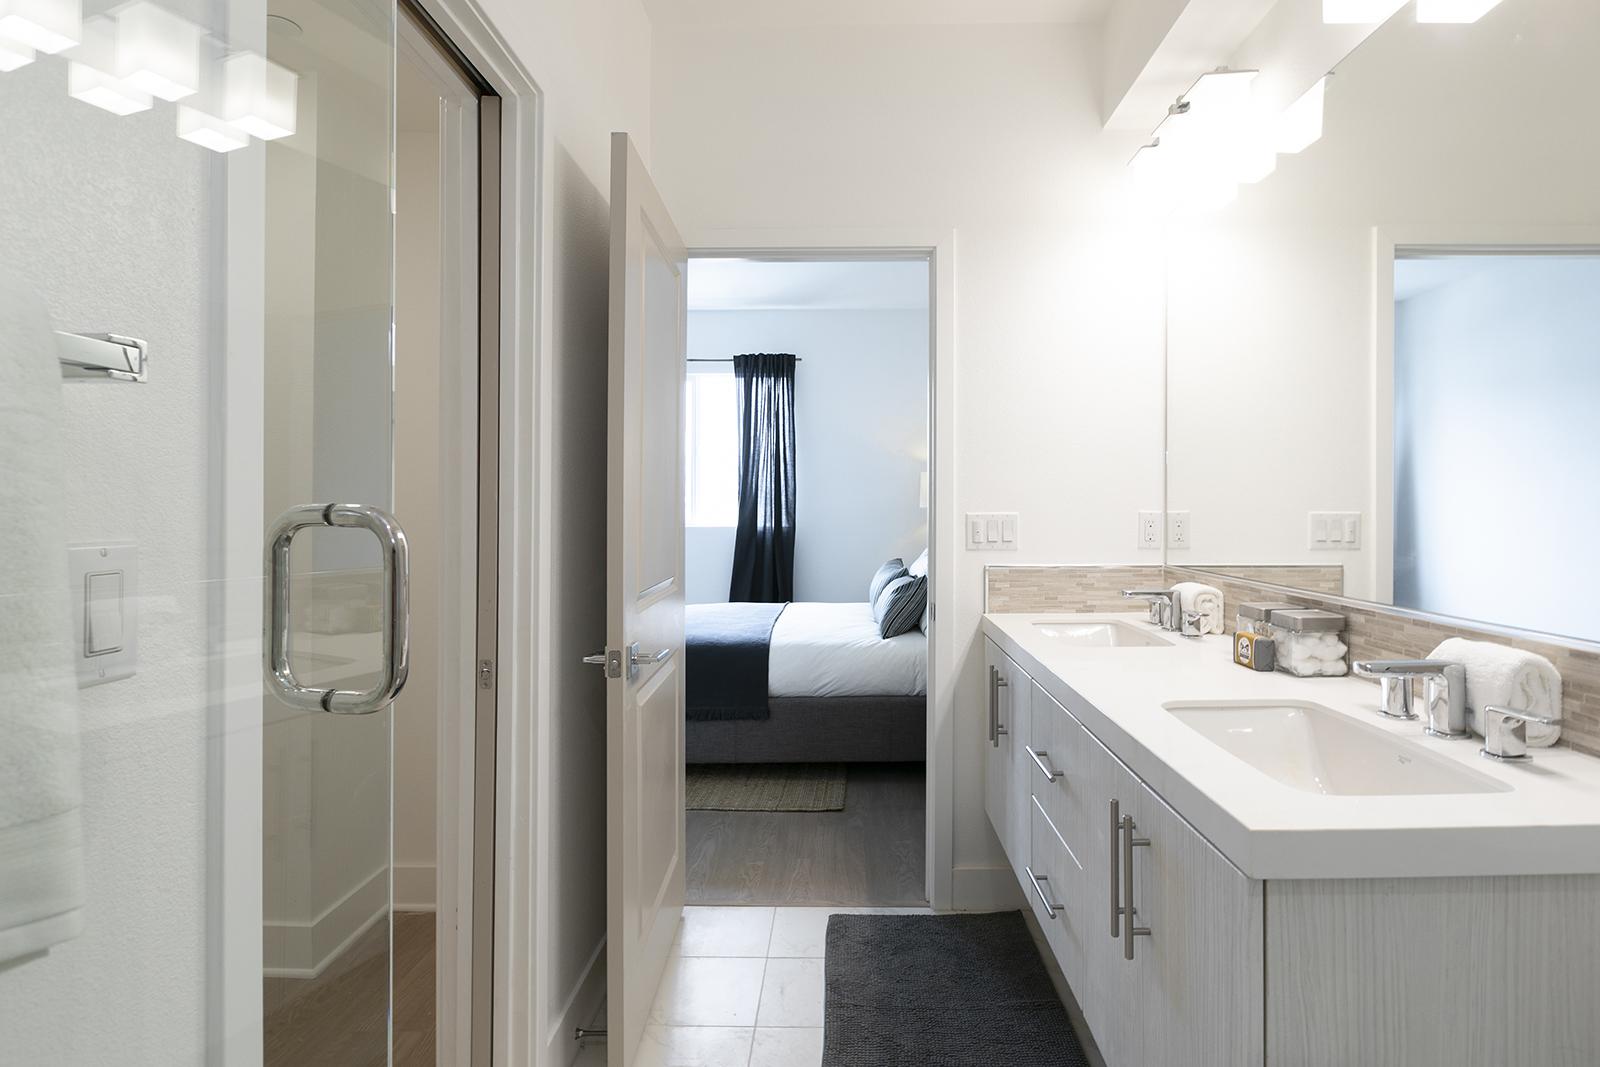 Home #8 - 3 BED | 3.5 BATH | 1,671 SF